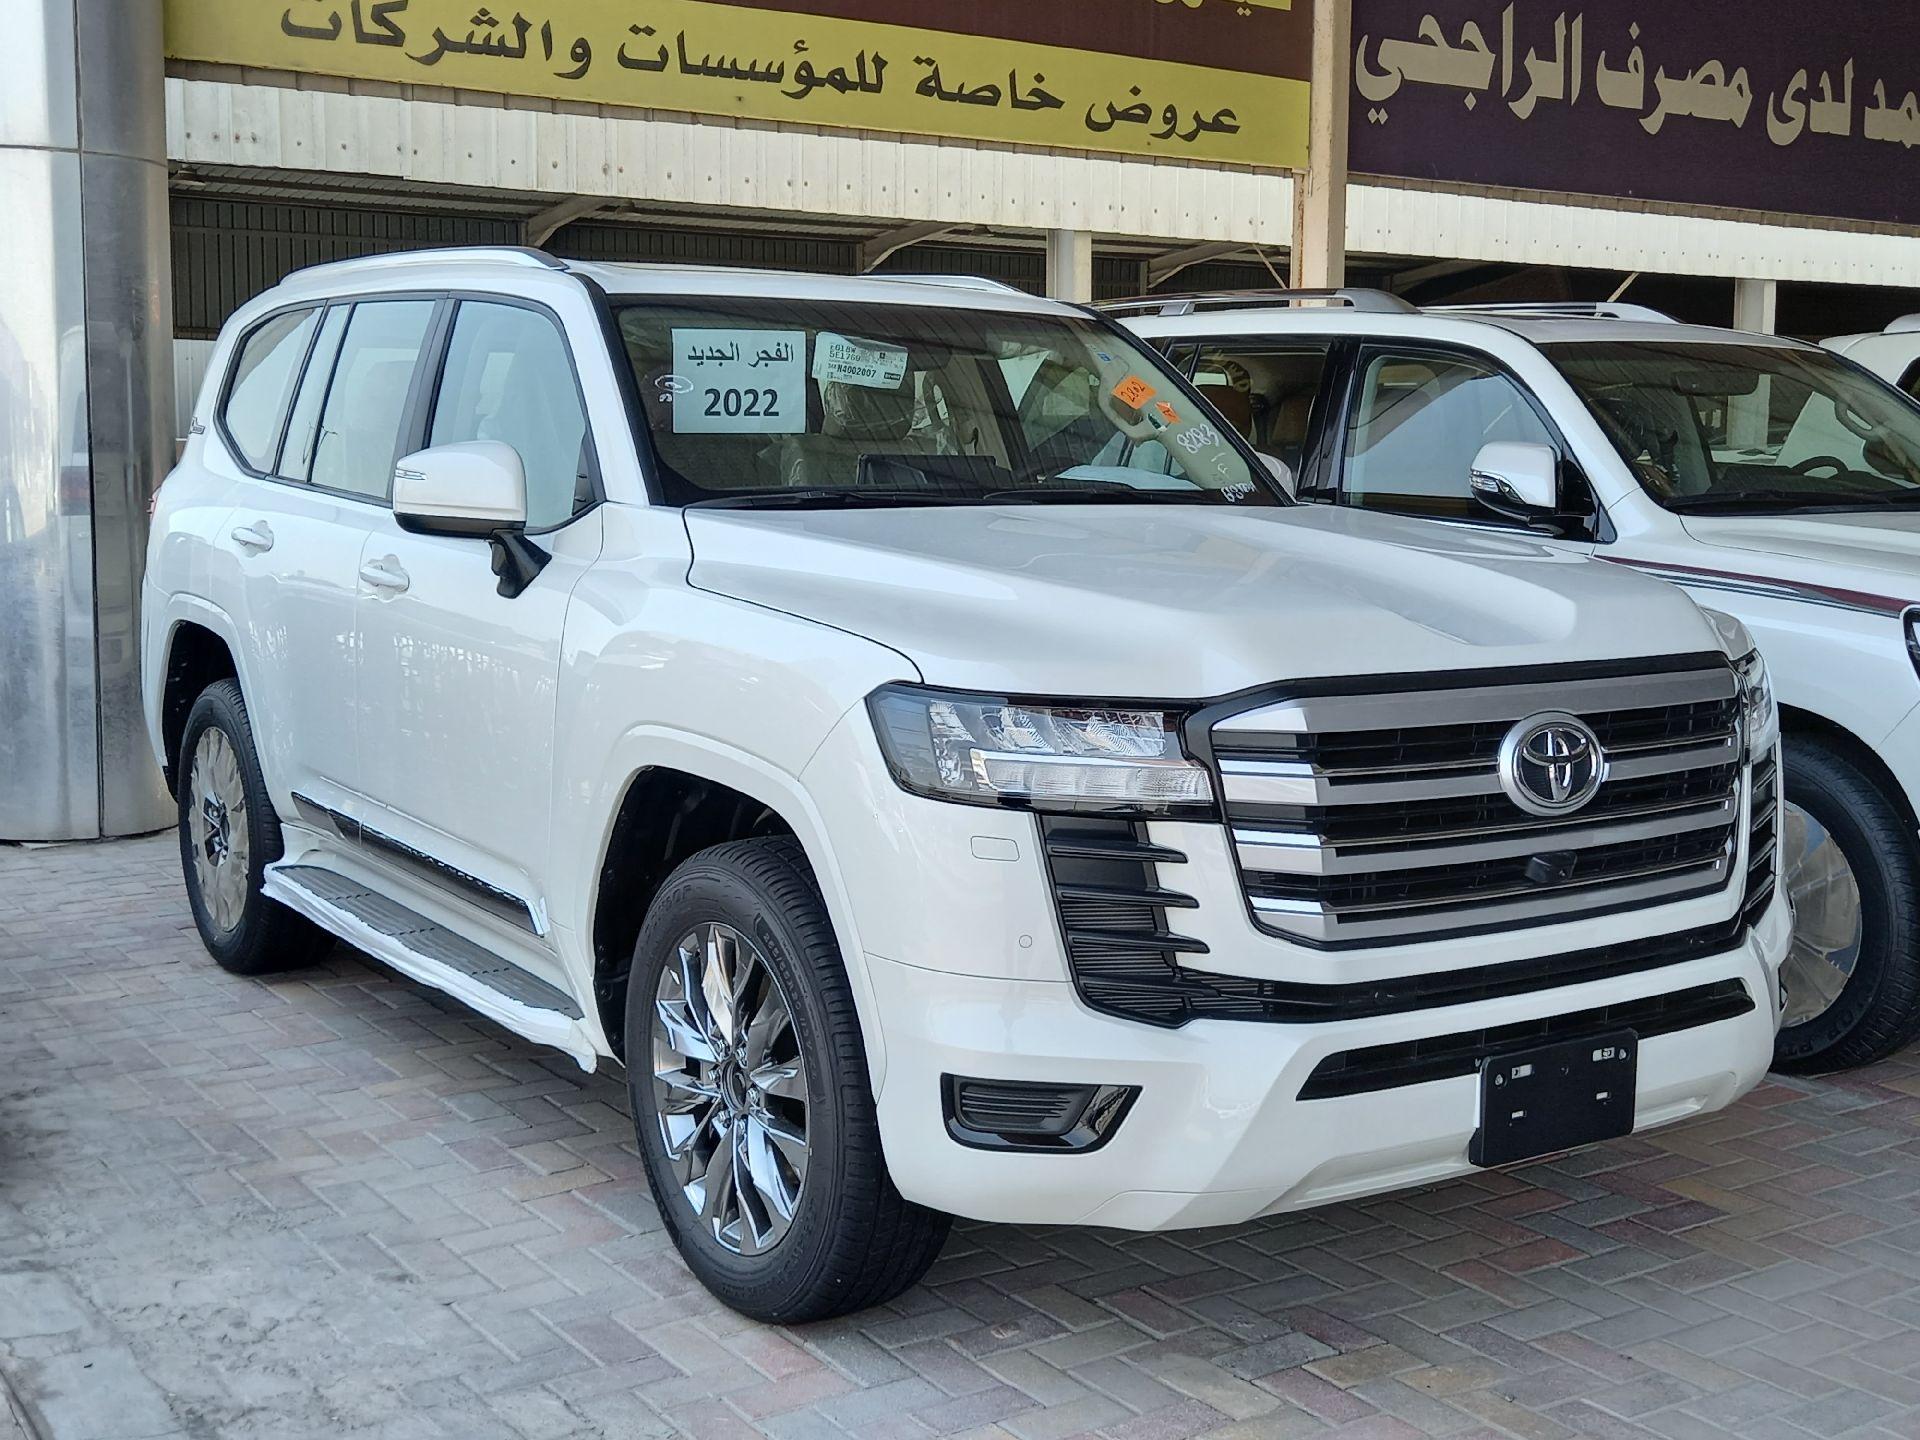 تويوتا لاندكروزر GXR3 فل  2022 دبل سعودي جديد للبيع في الدمام - السعودية - صورة كبيرة - 1